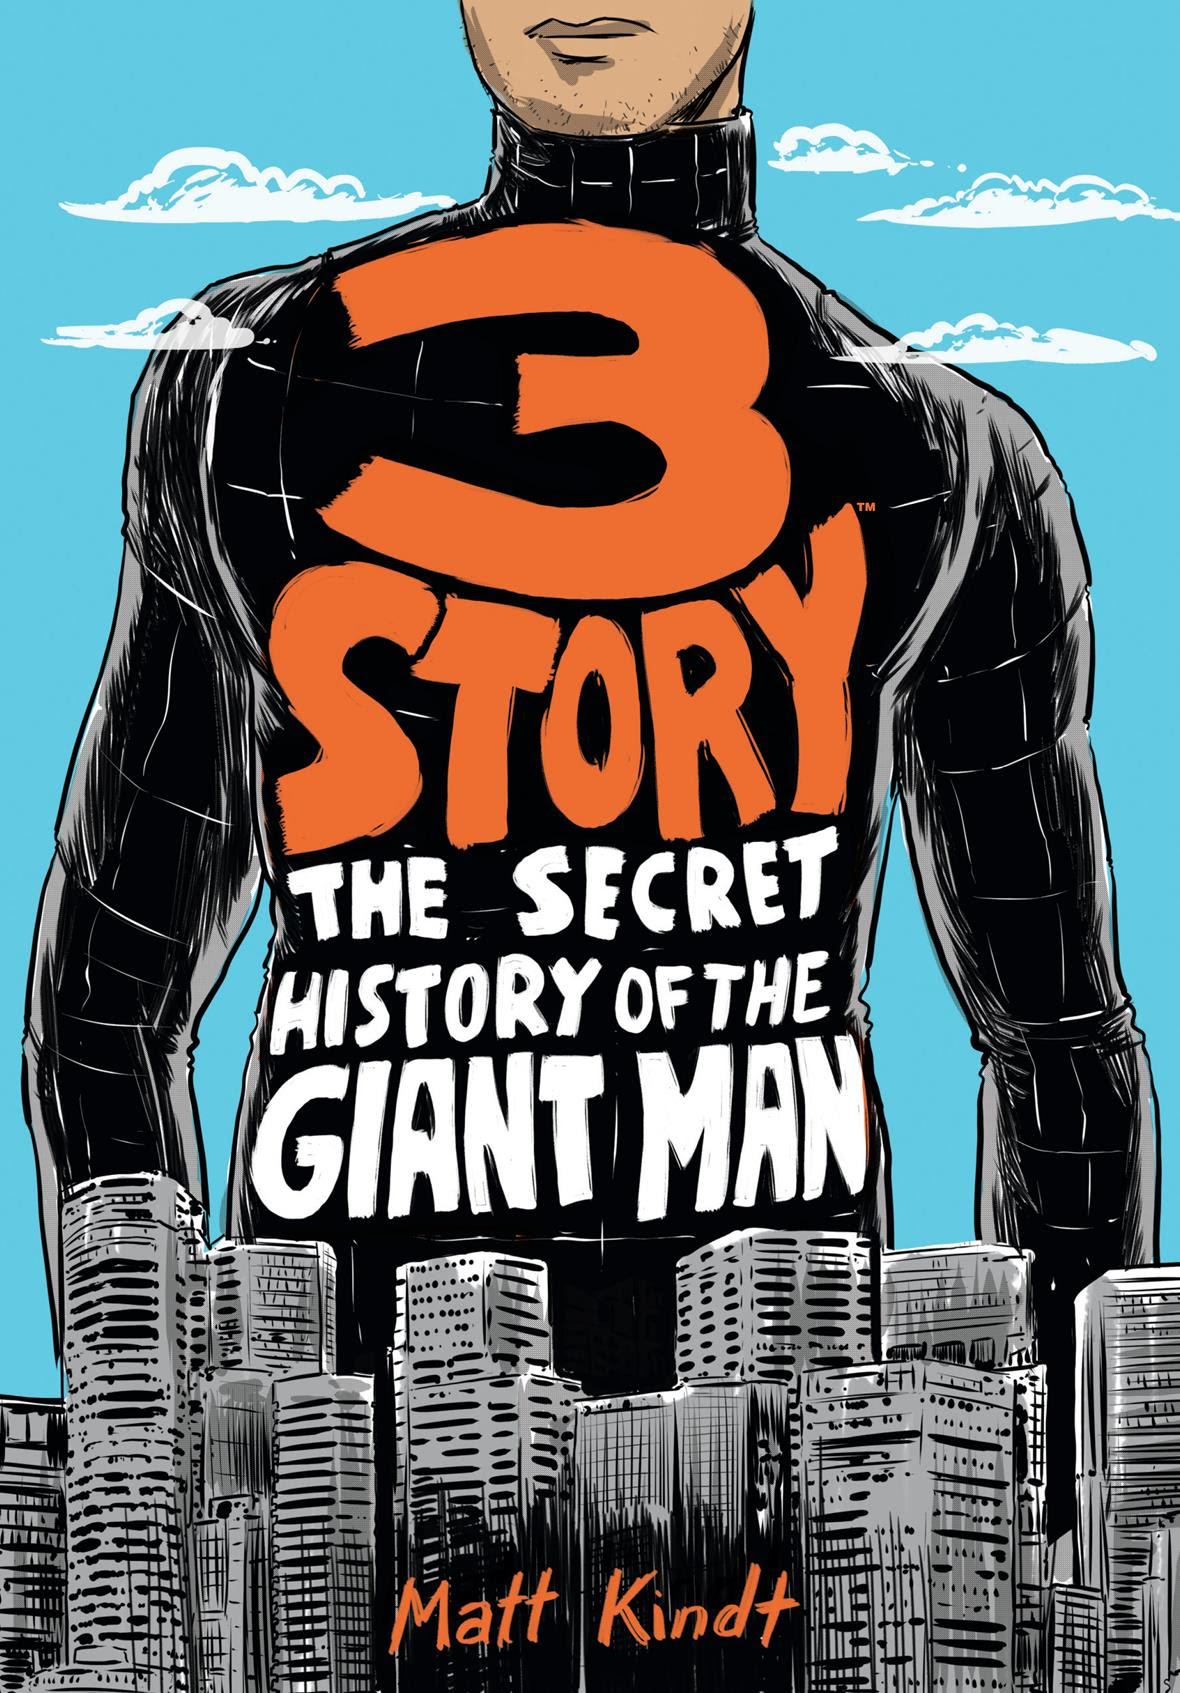 Giant man 3 Stories.jpg